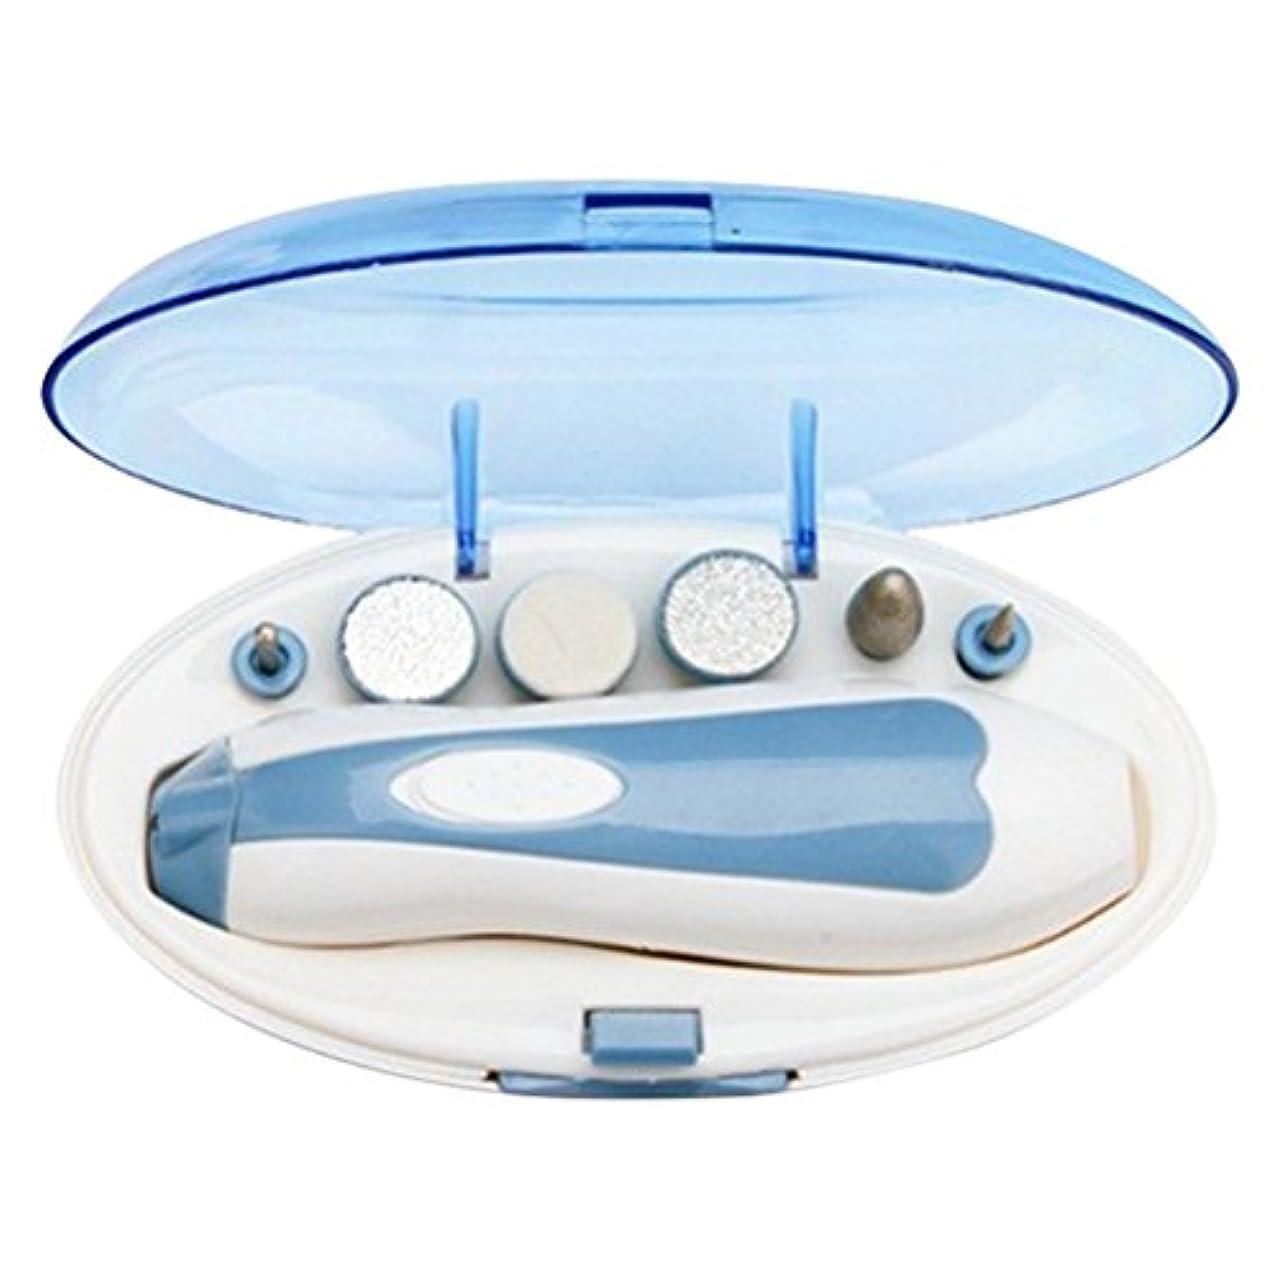 東ティモール代数的振る電動式ネイルケア ネイルマシン ネイルマシーン電動爪磨き 電池式 LEDライト搭載 アタッチメント6種類付き 甘皮 角質除去  持ち運び便利 ブルー ケース付